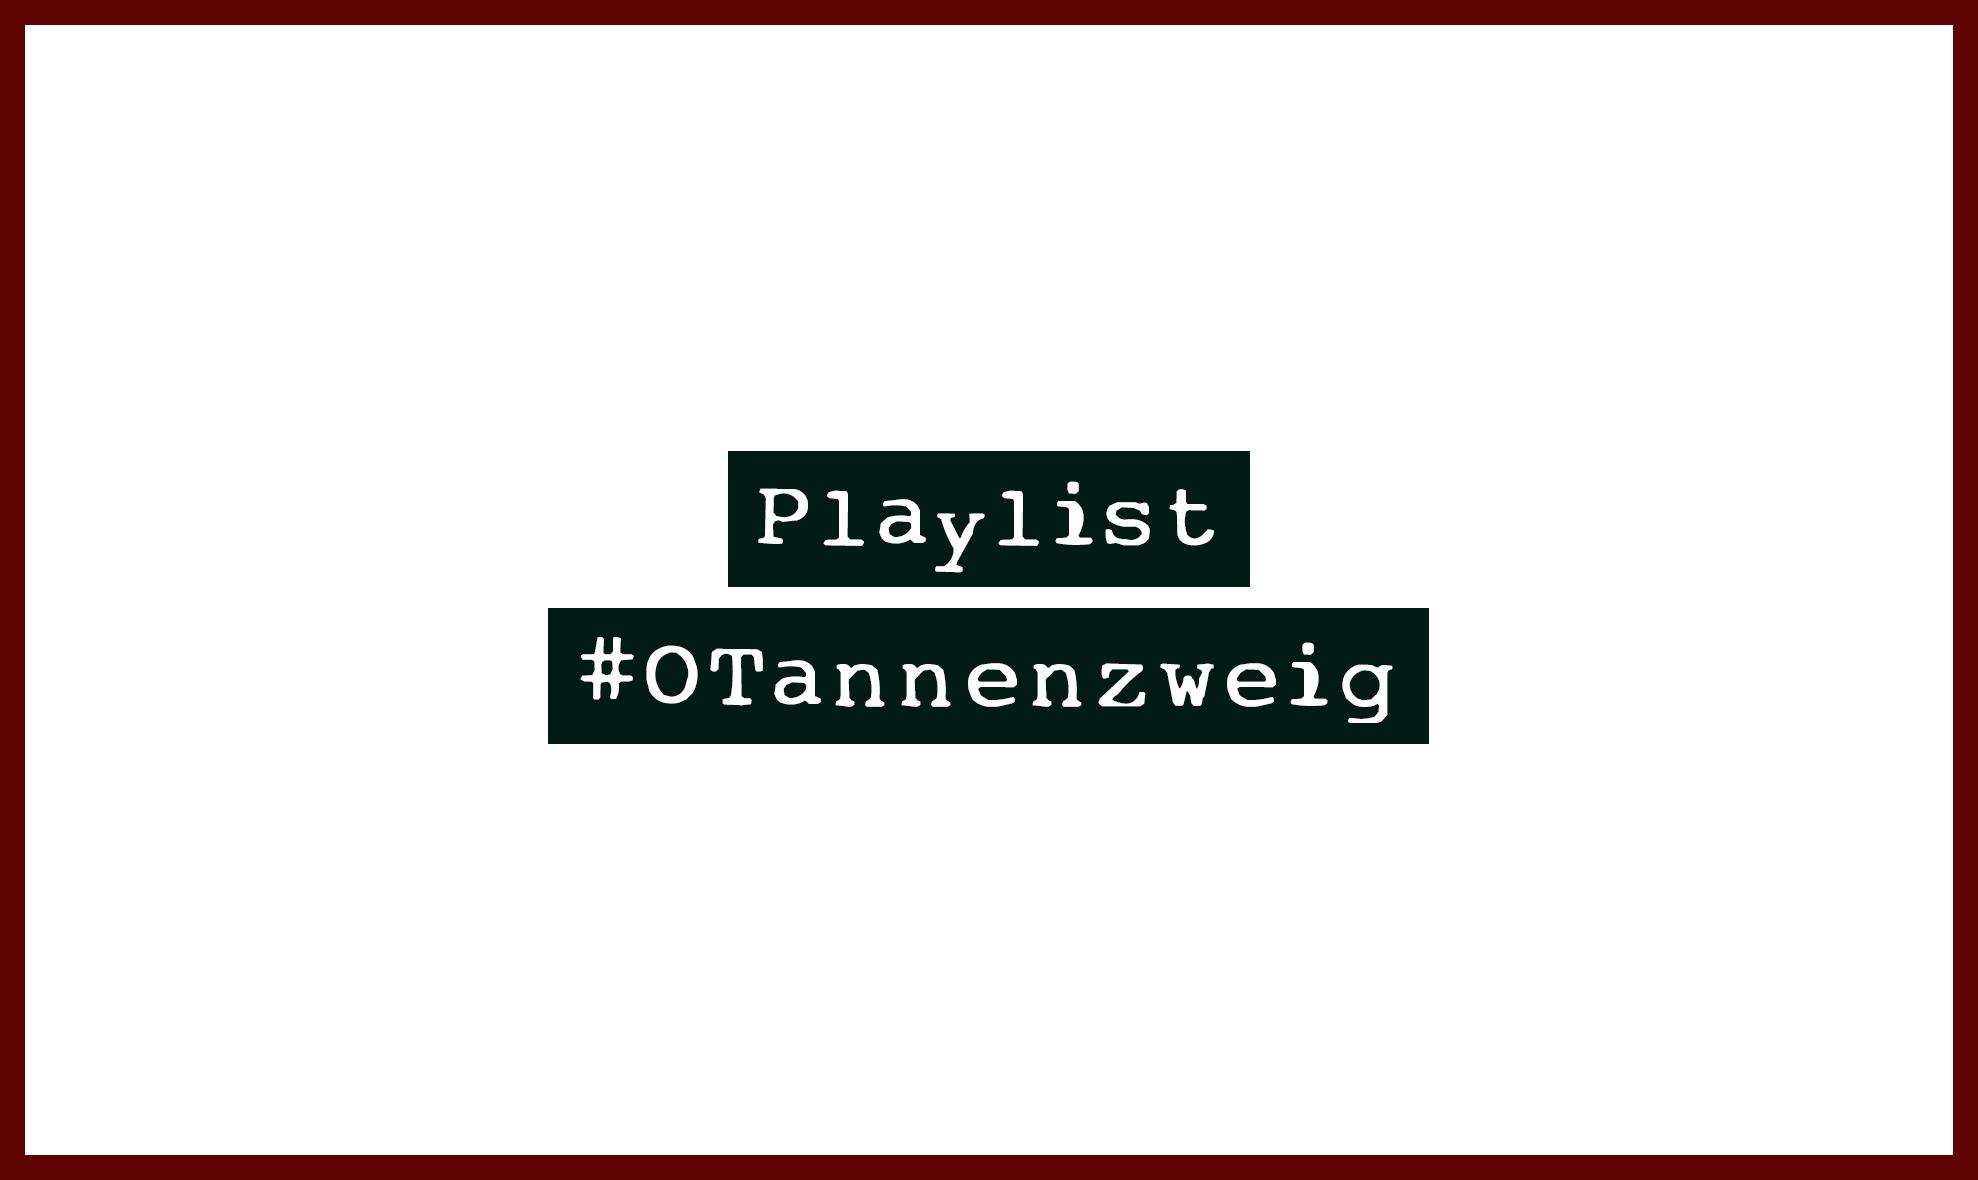 #OTannenzweig - Die etwas andere Weihnachtsplaylist